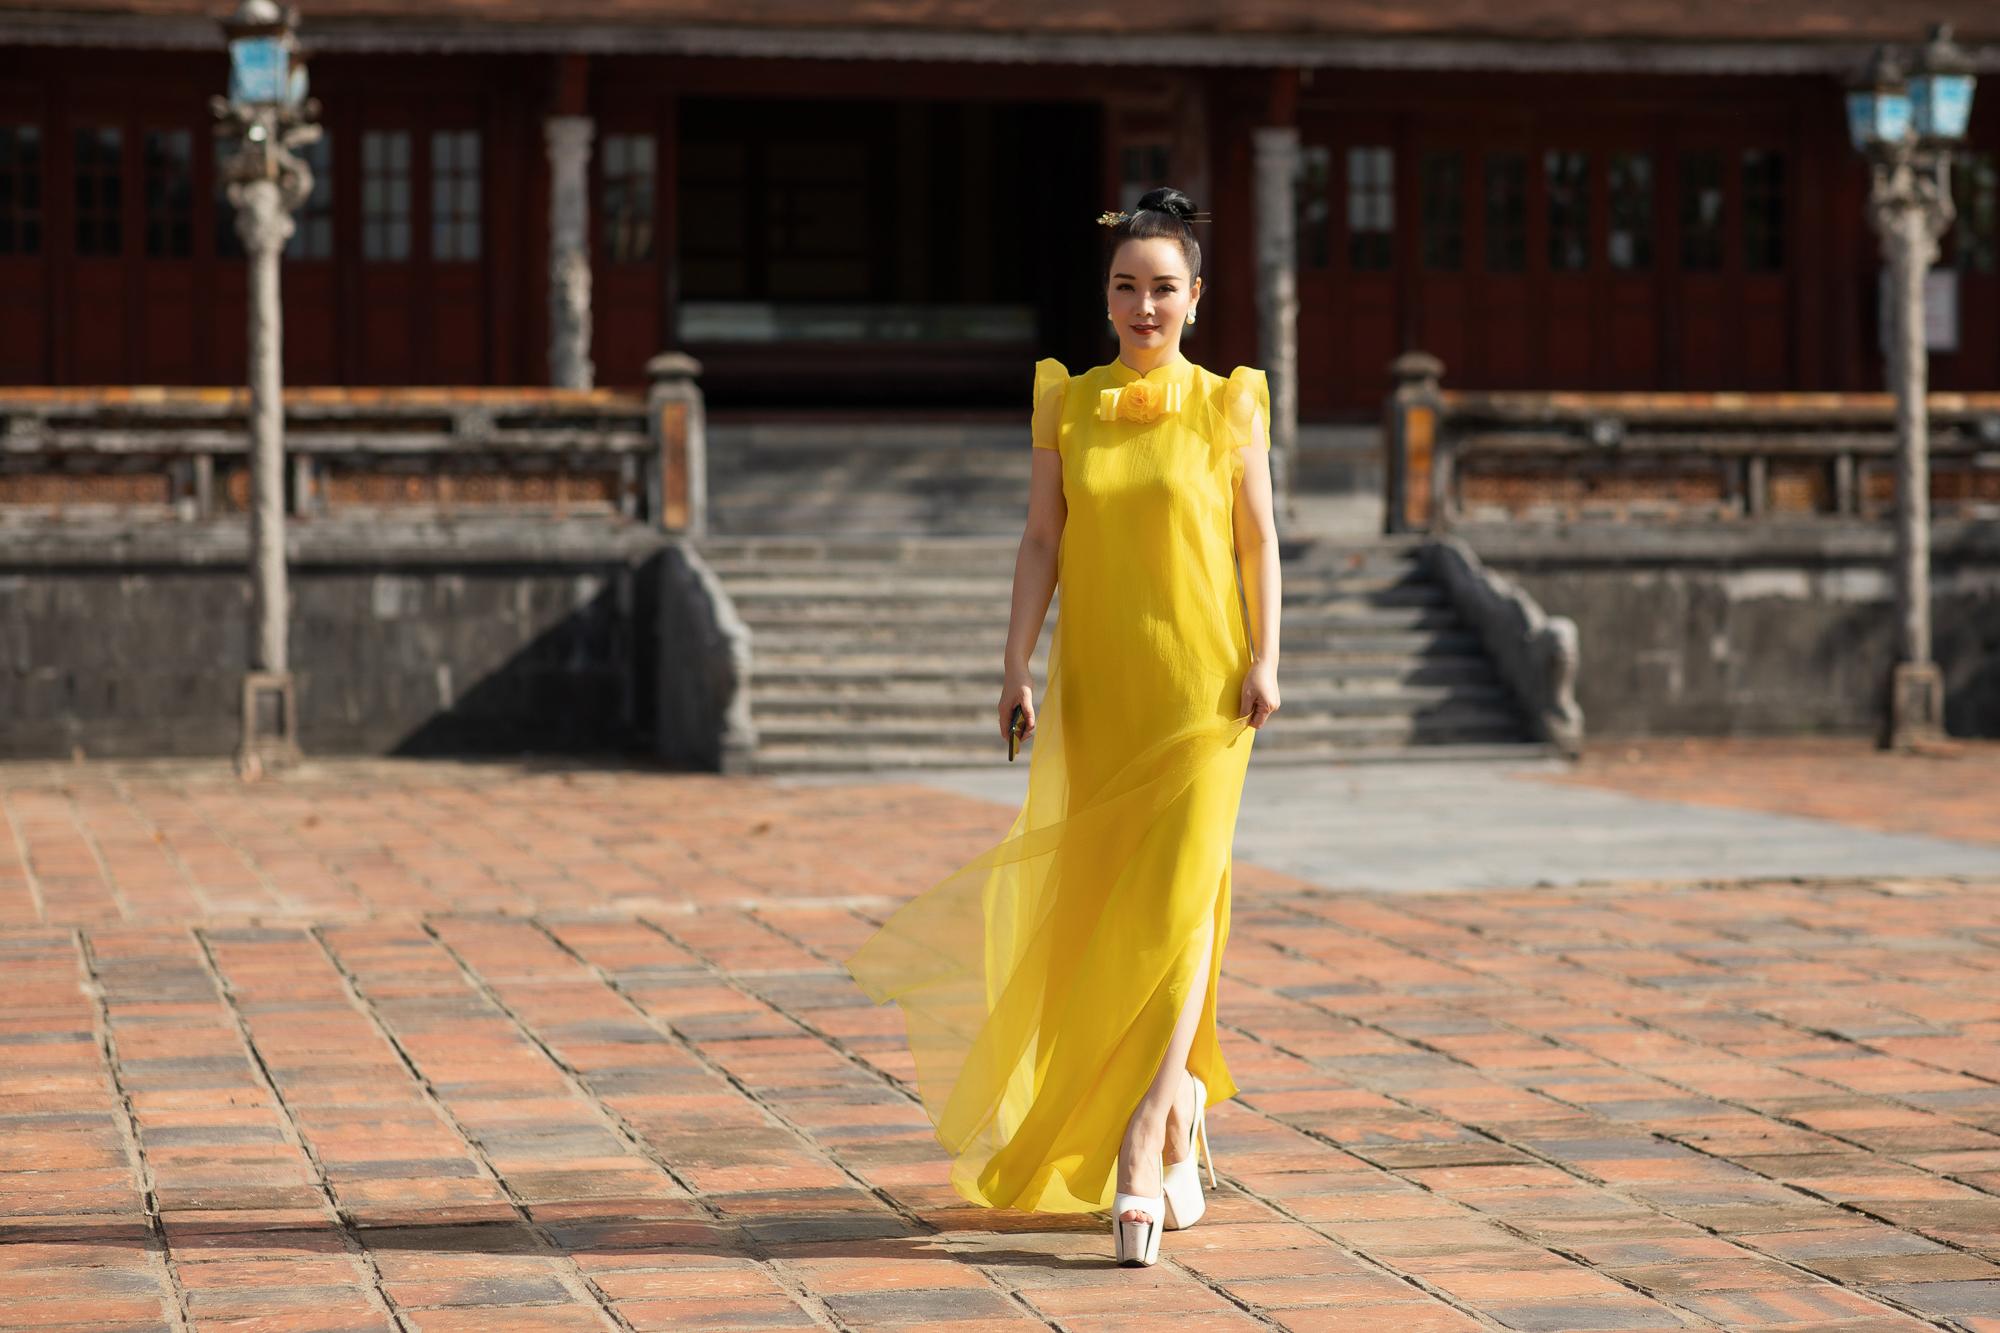 Đeo đôi khuyên hơn 2,5 tỷ siêu mẫu Võ Hoàng Yến tái hiện cú tung chân đá váy thần sầu trên sàn catwalk khiến người xem thốt tim - Ảnh 17.